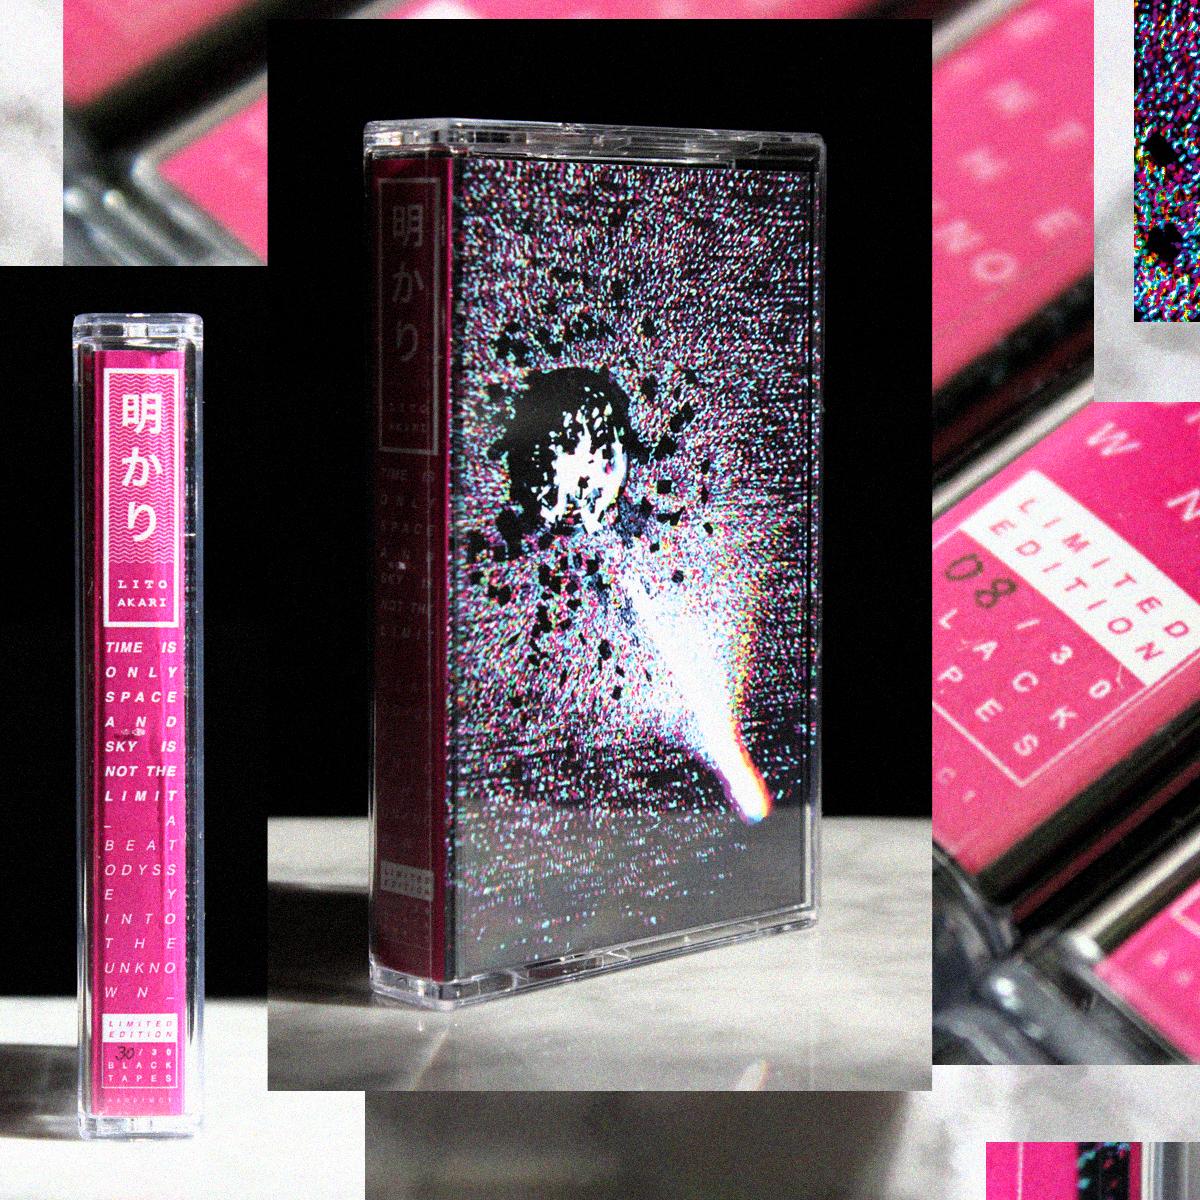 Studio Volito - Lito Akari Tape